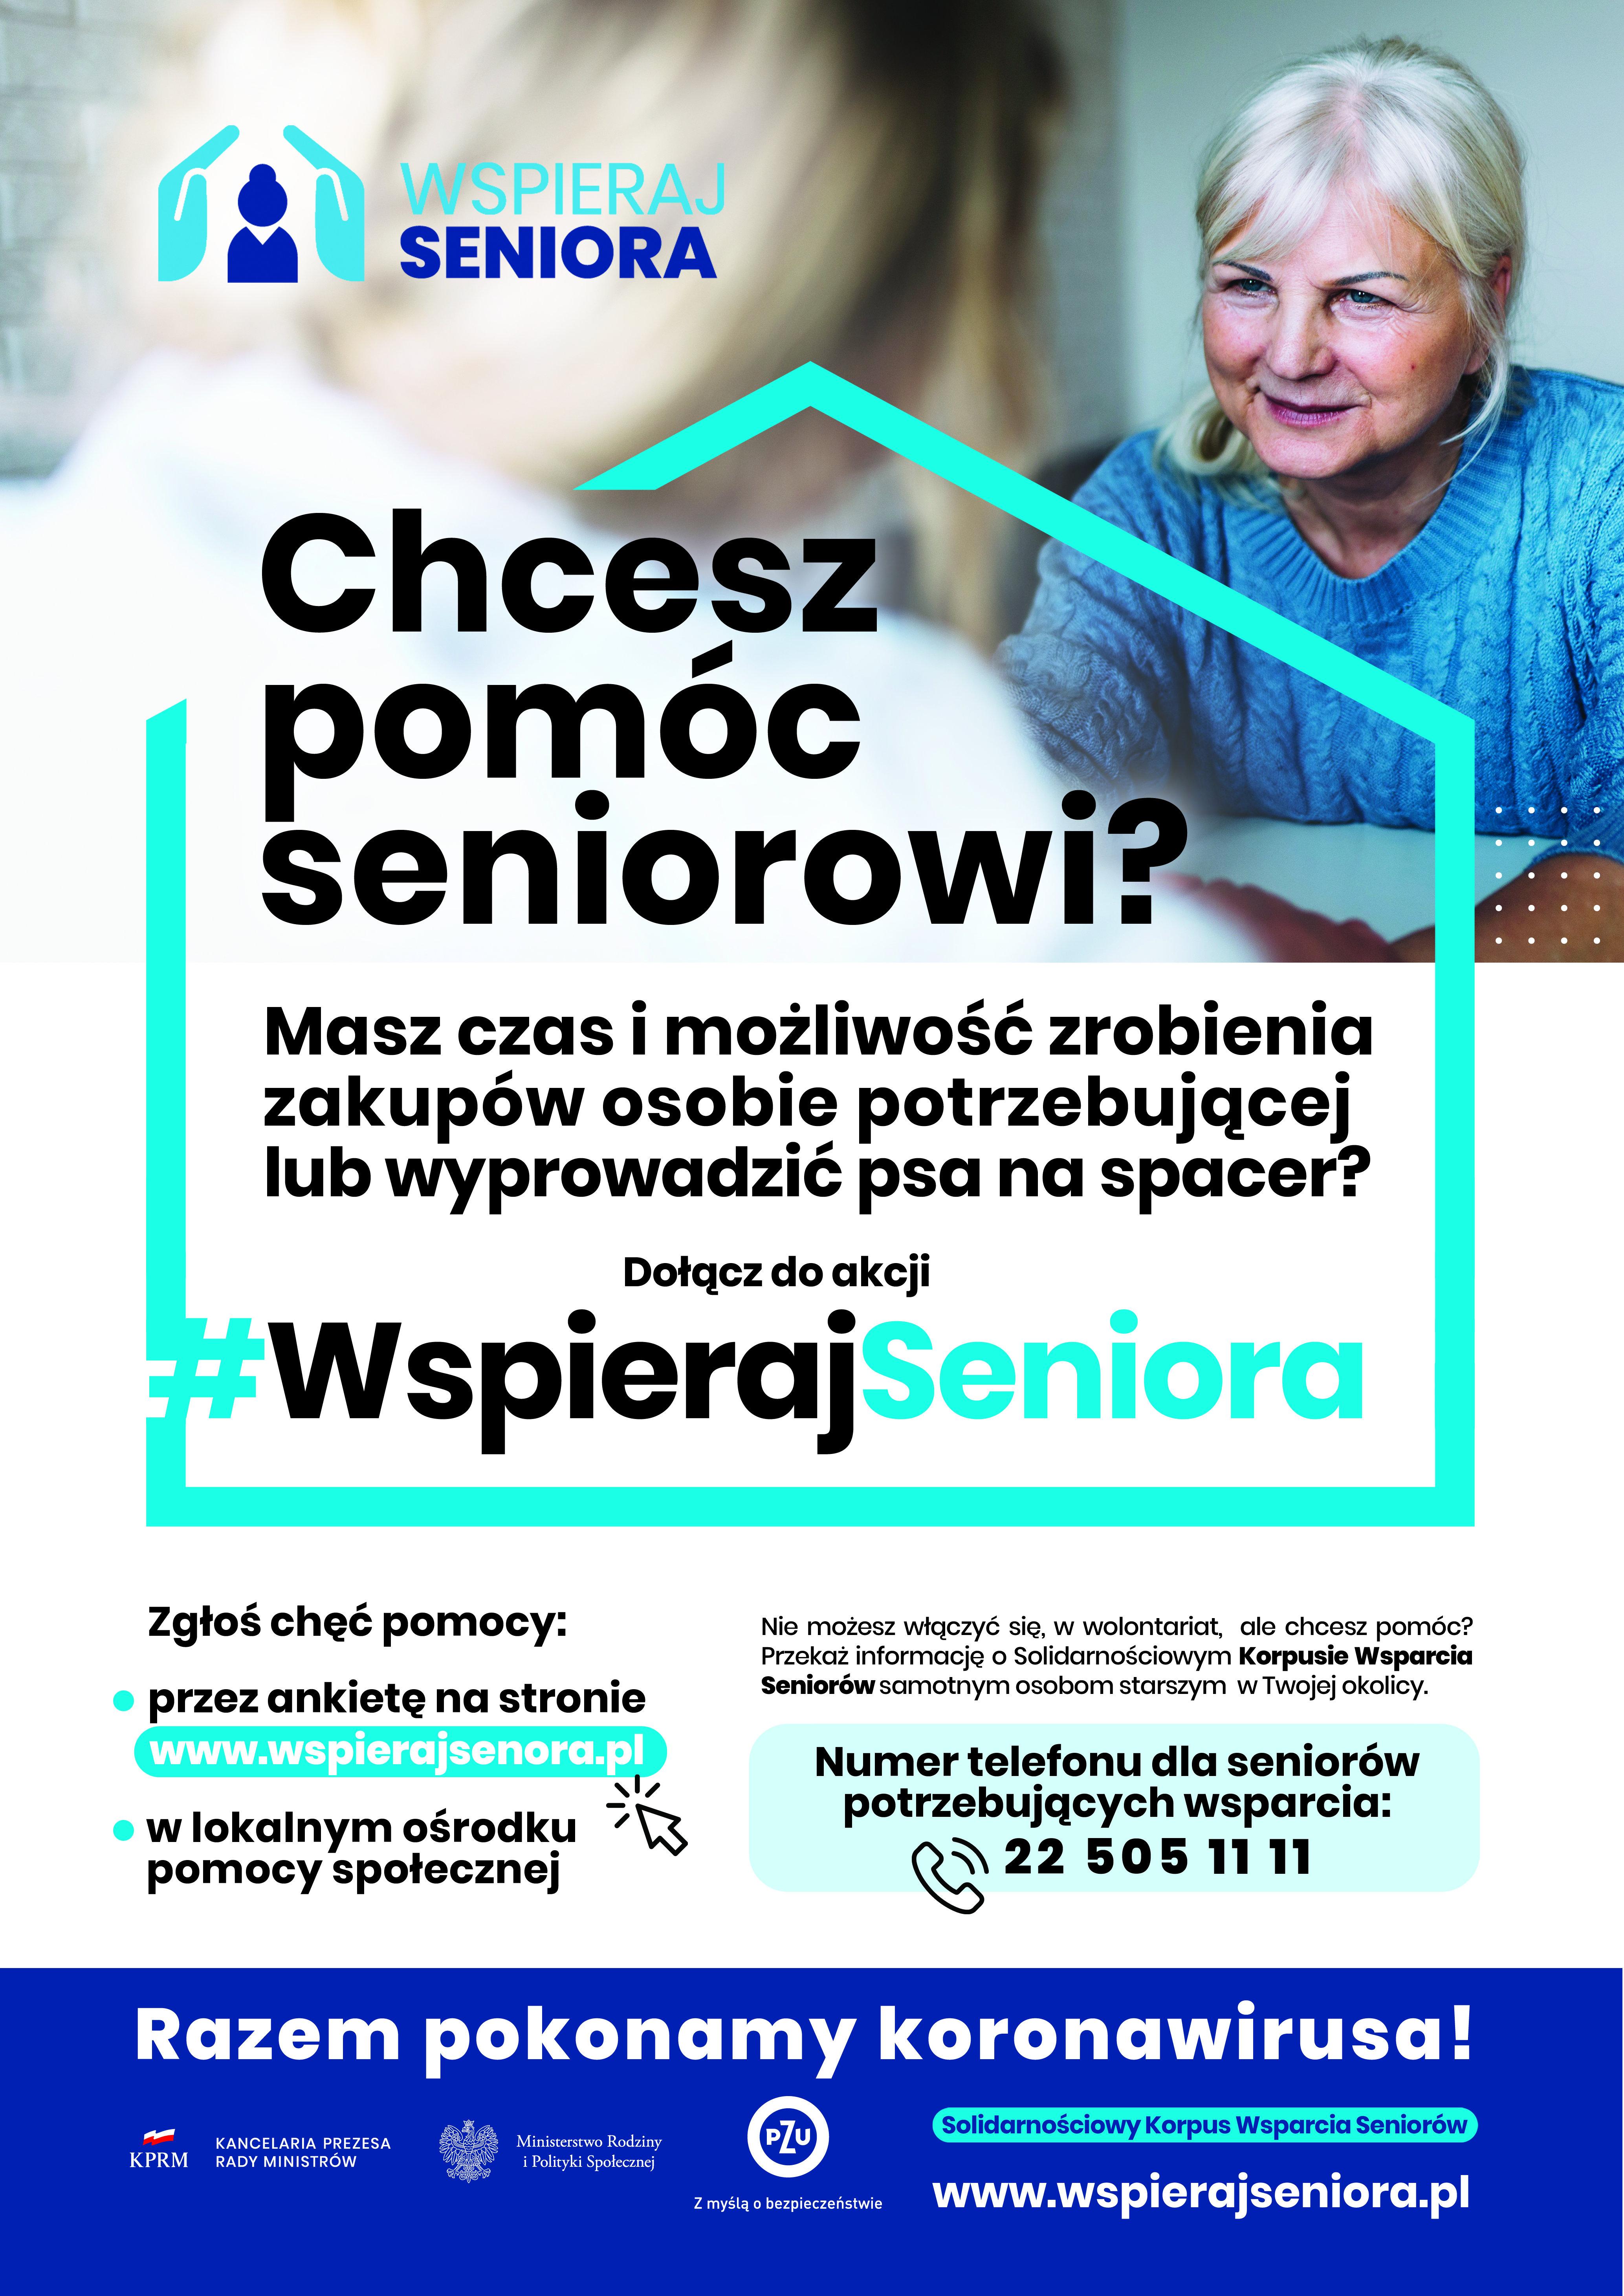 Wspieraj seniora - plakat dla Wolontariuszy